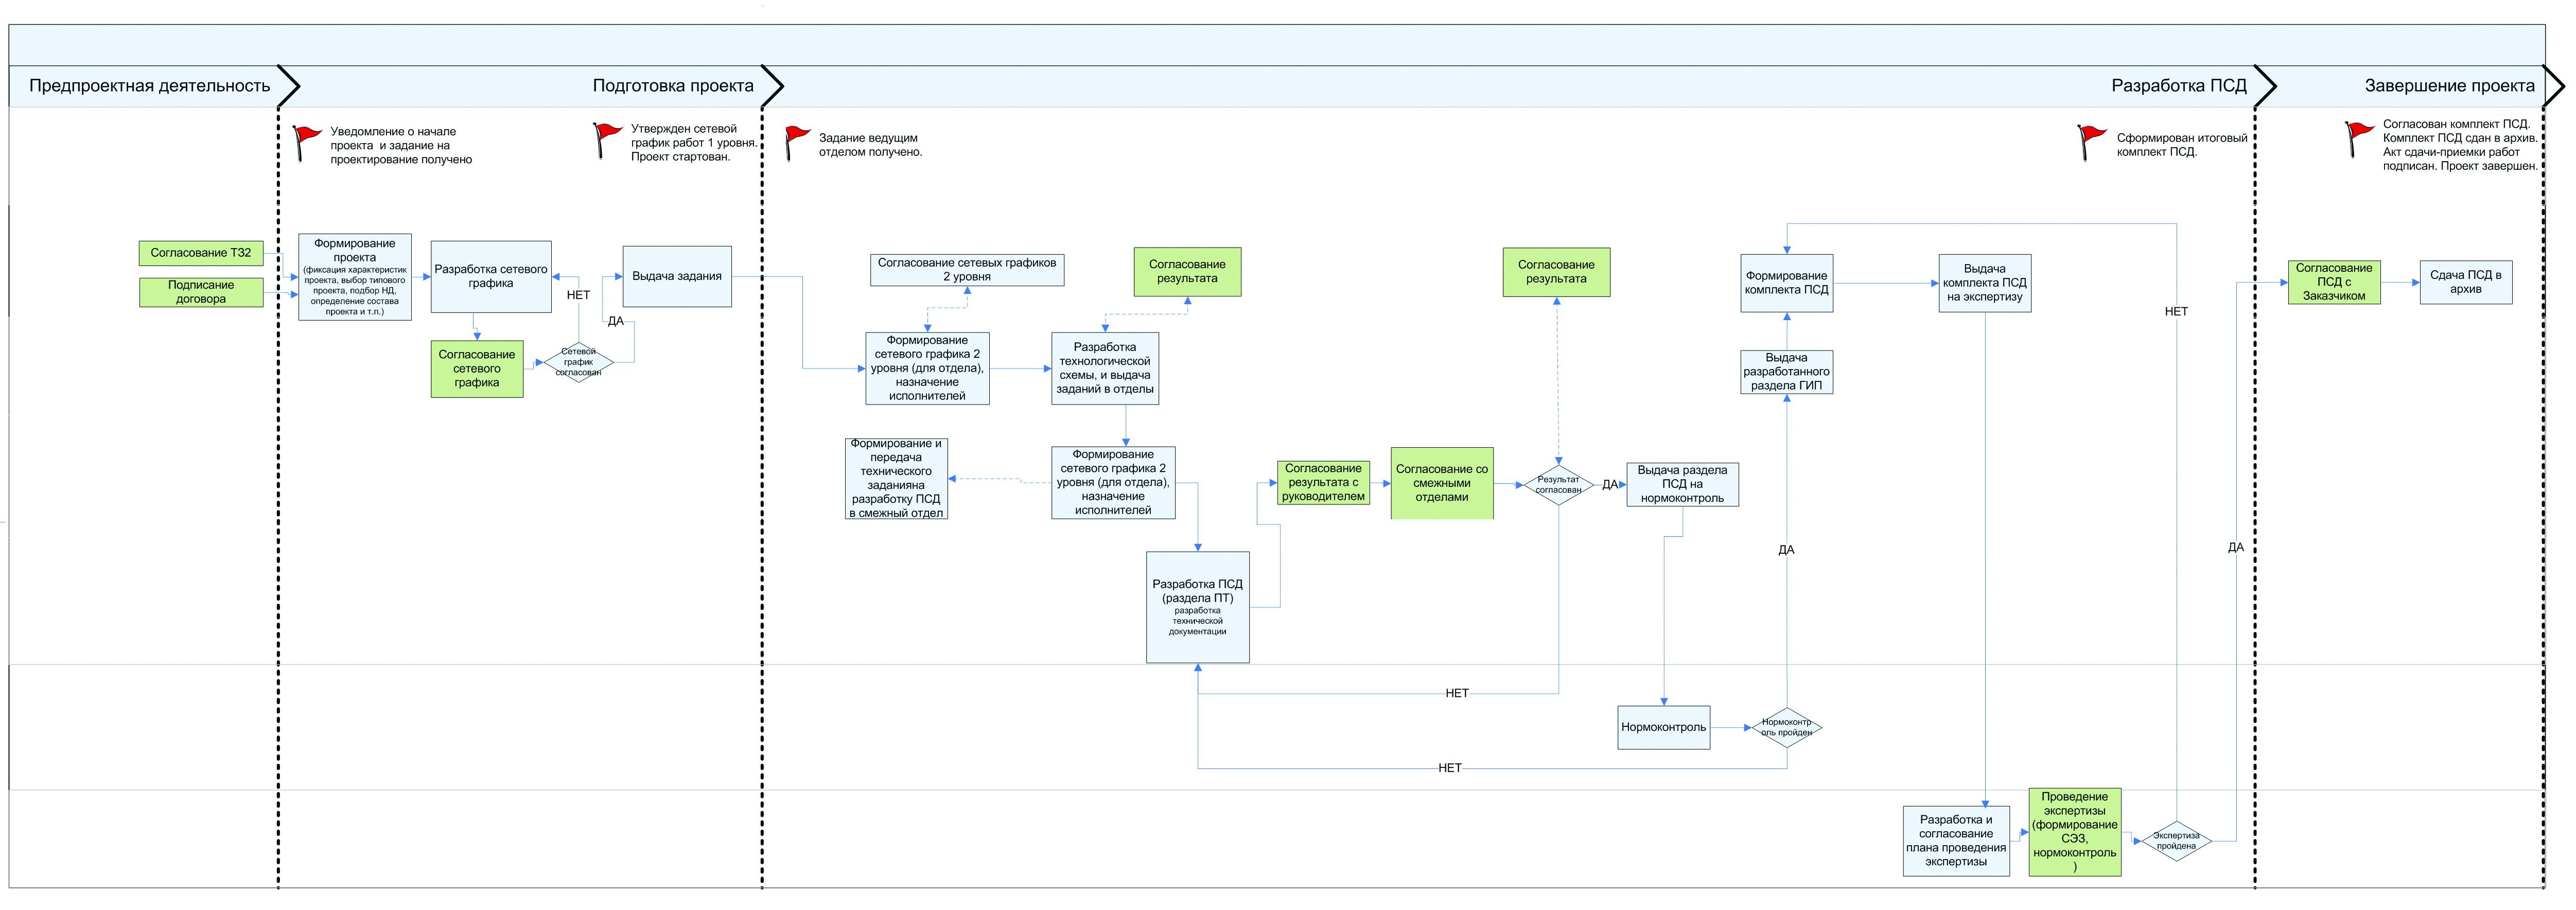 Схема деления для программного обеспечения